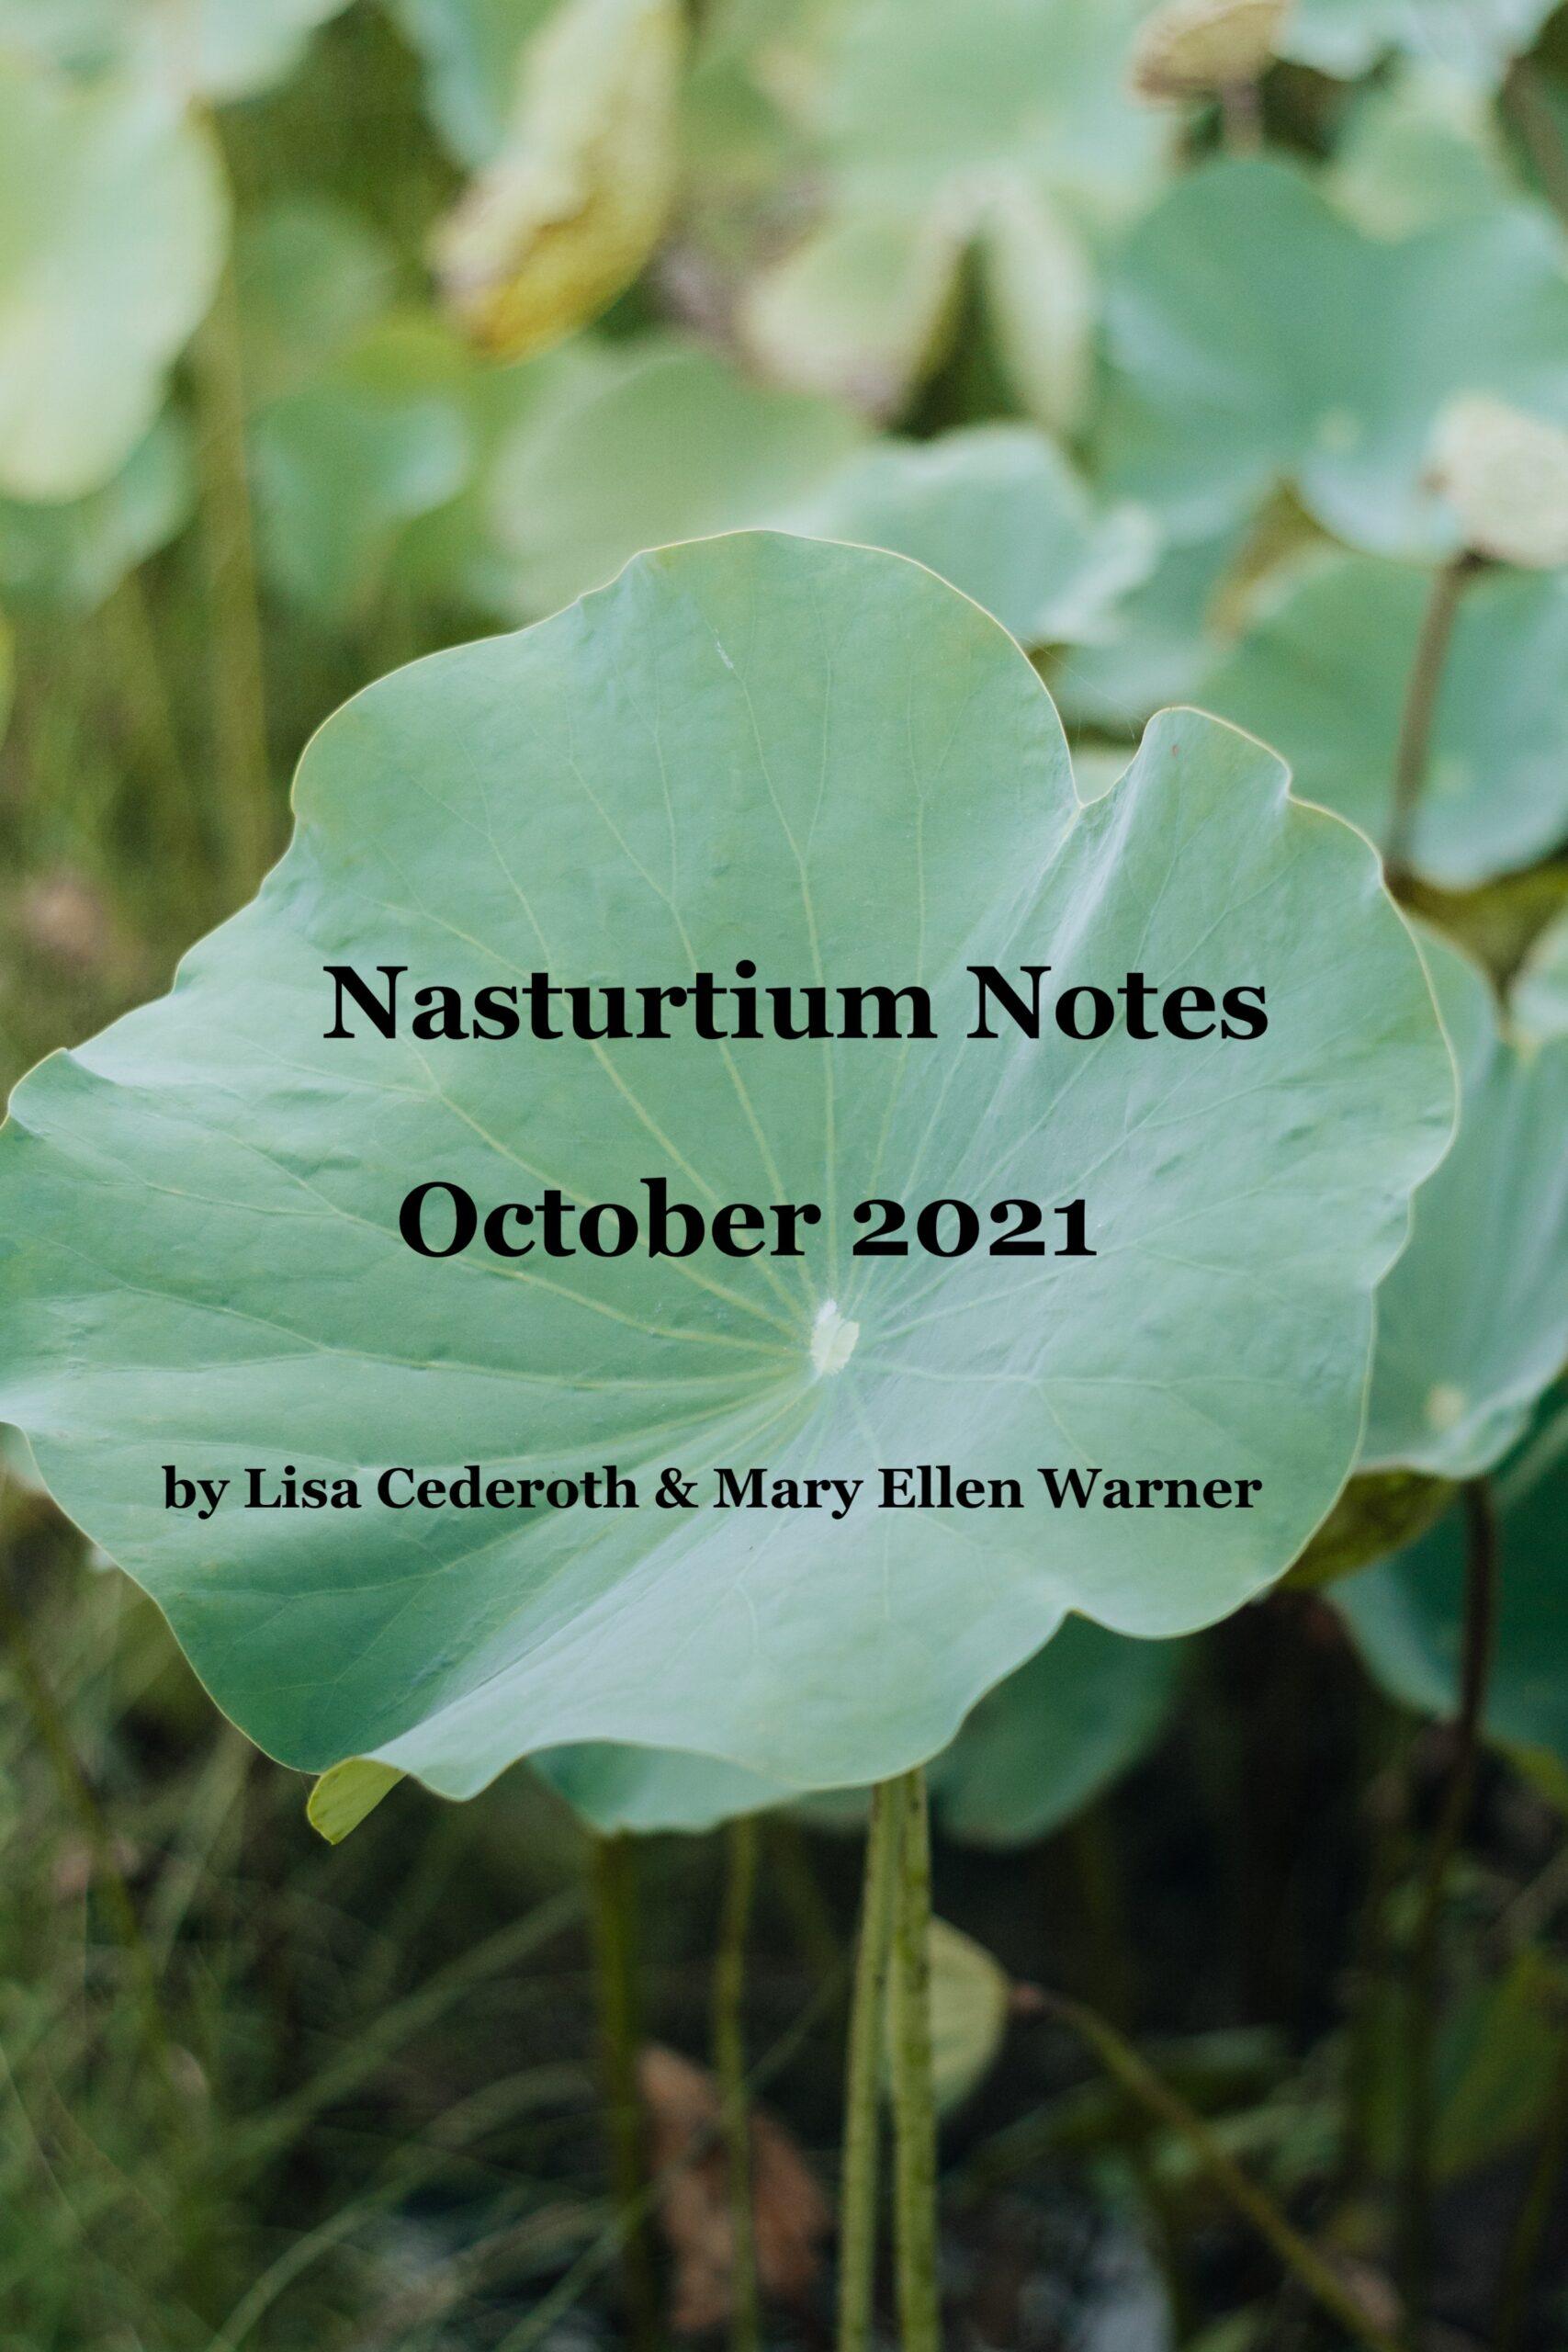 Nasturtium Notes, October 2021